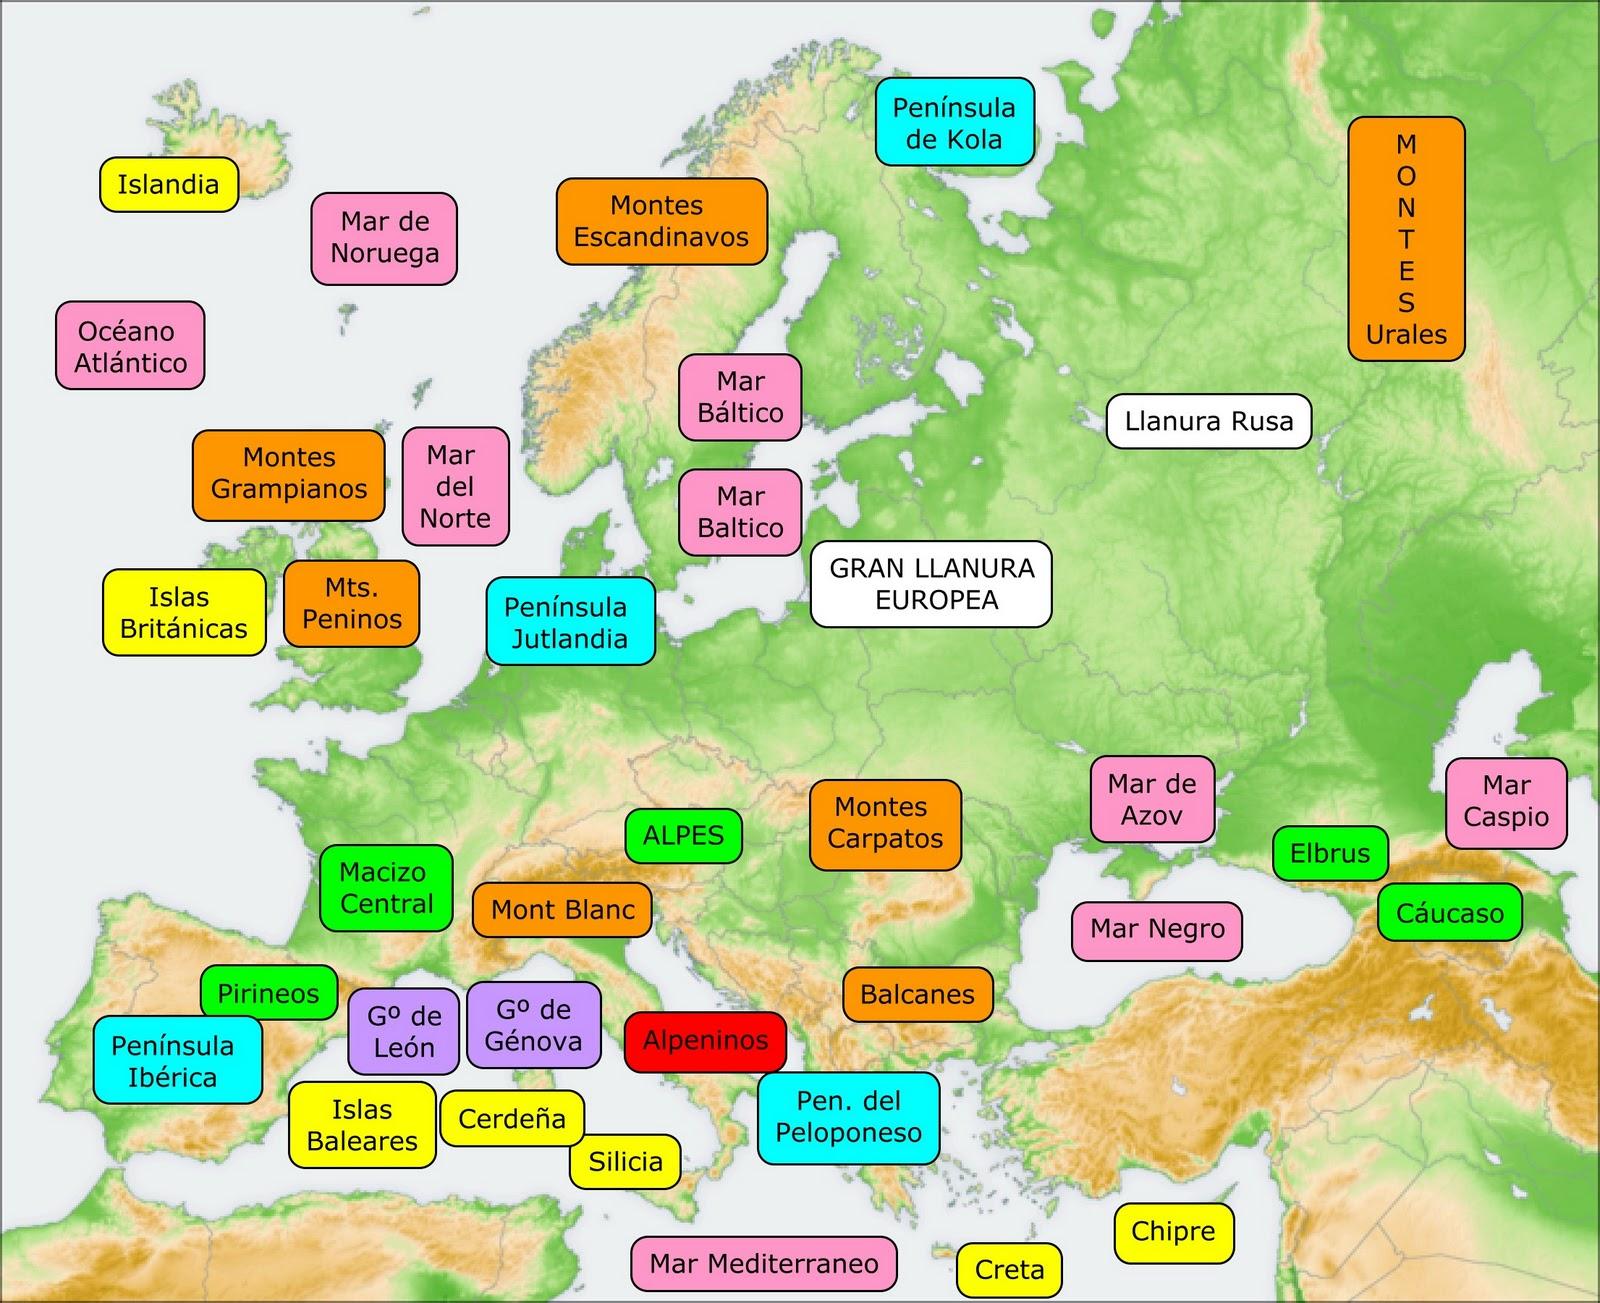 Mapas Interactivos Paises Europa